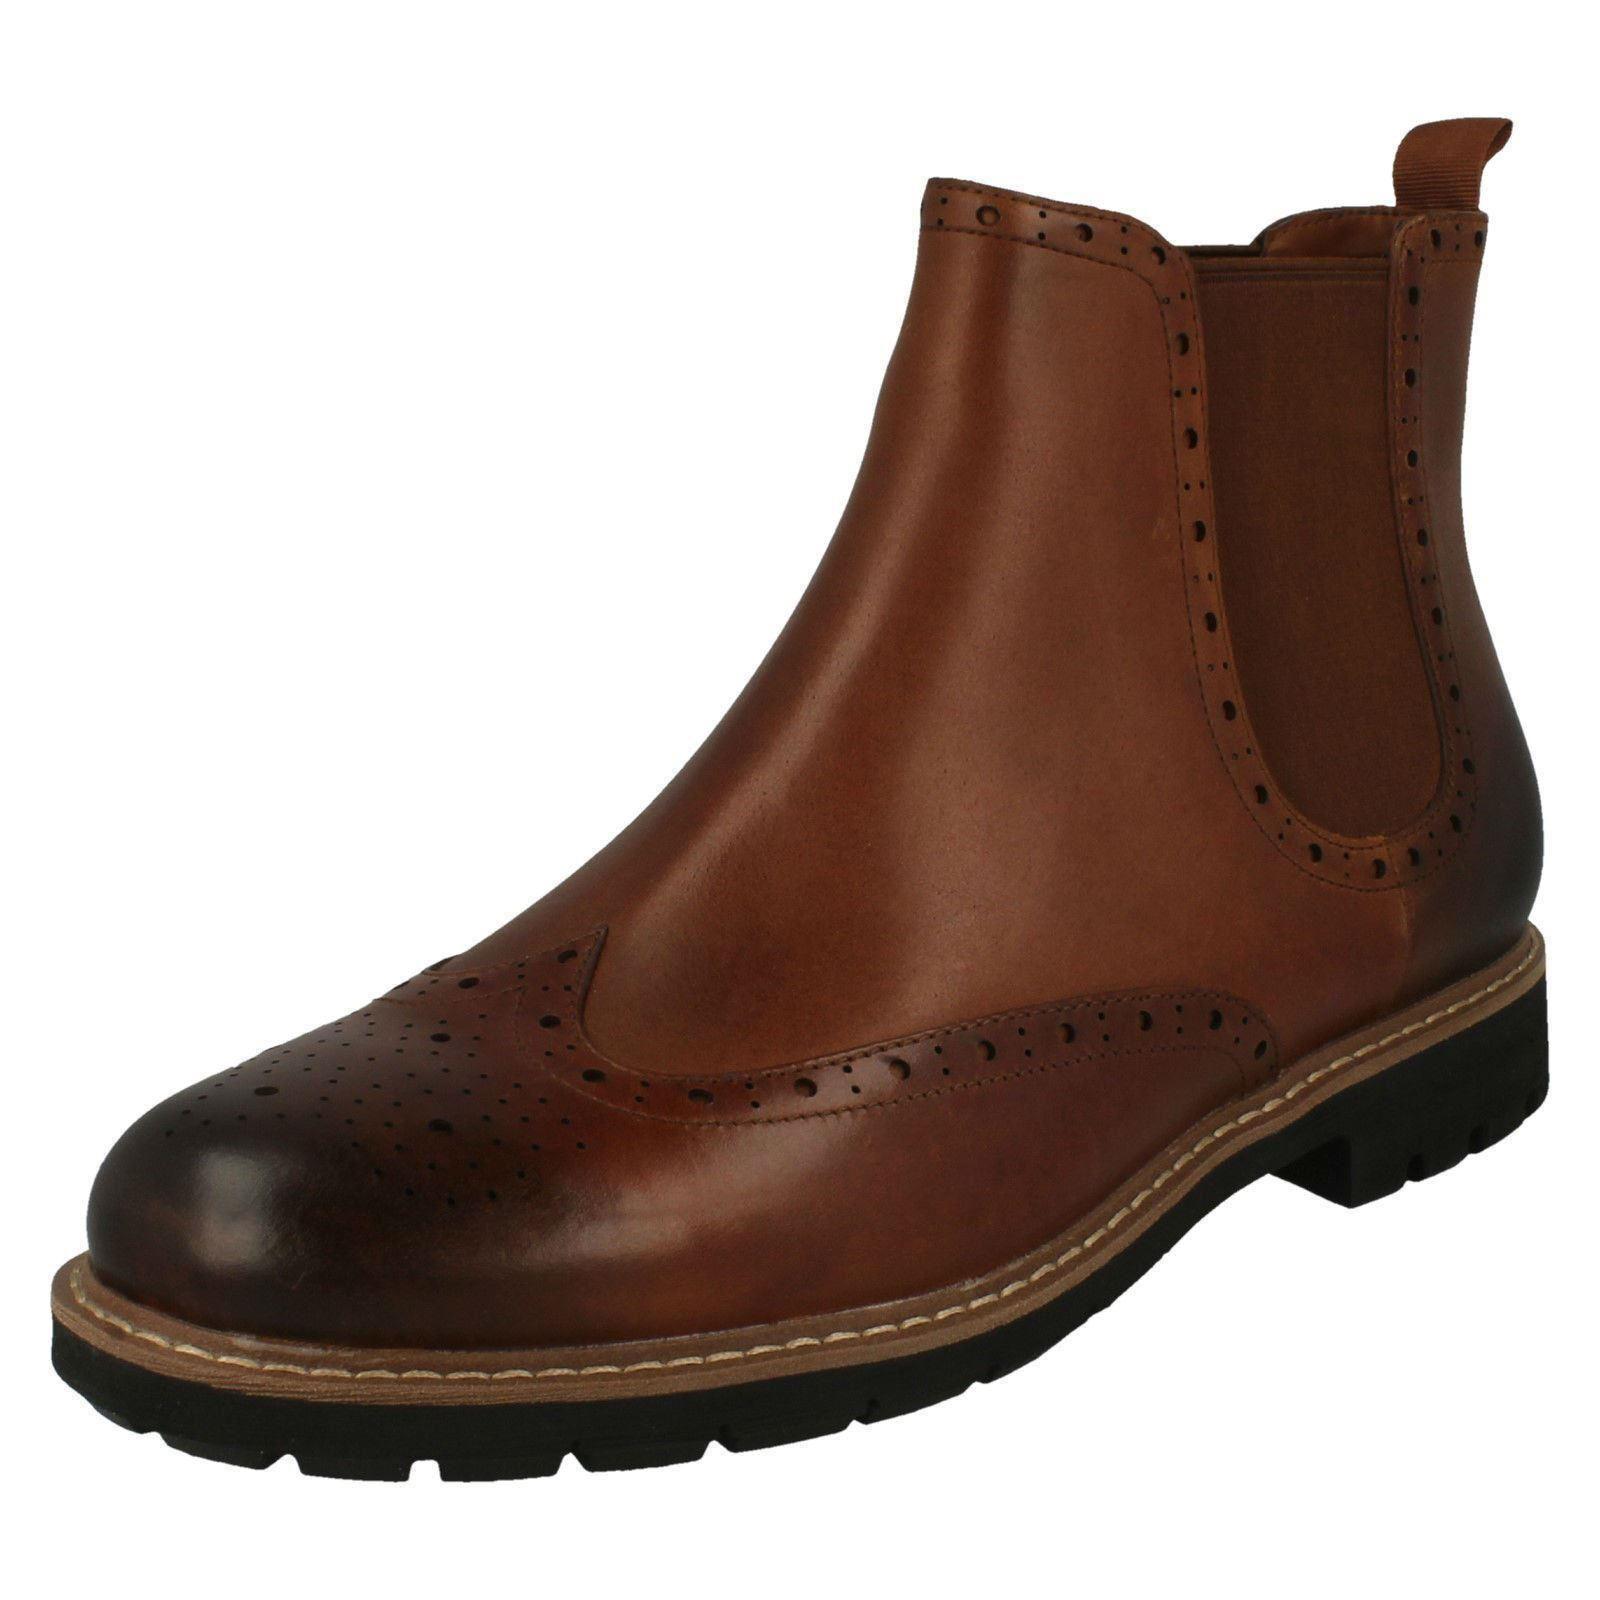 Top para Hombre Clarks Batcombe Oscuro Bronceado Cuero Inteligente botas de estilo Tire de Estilo